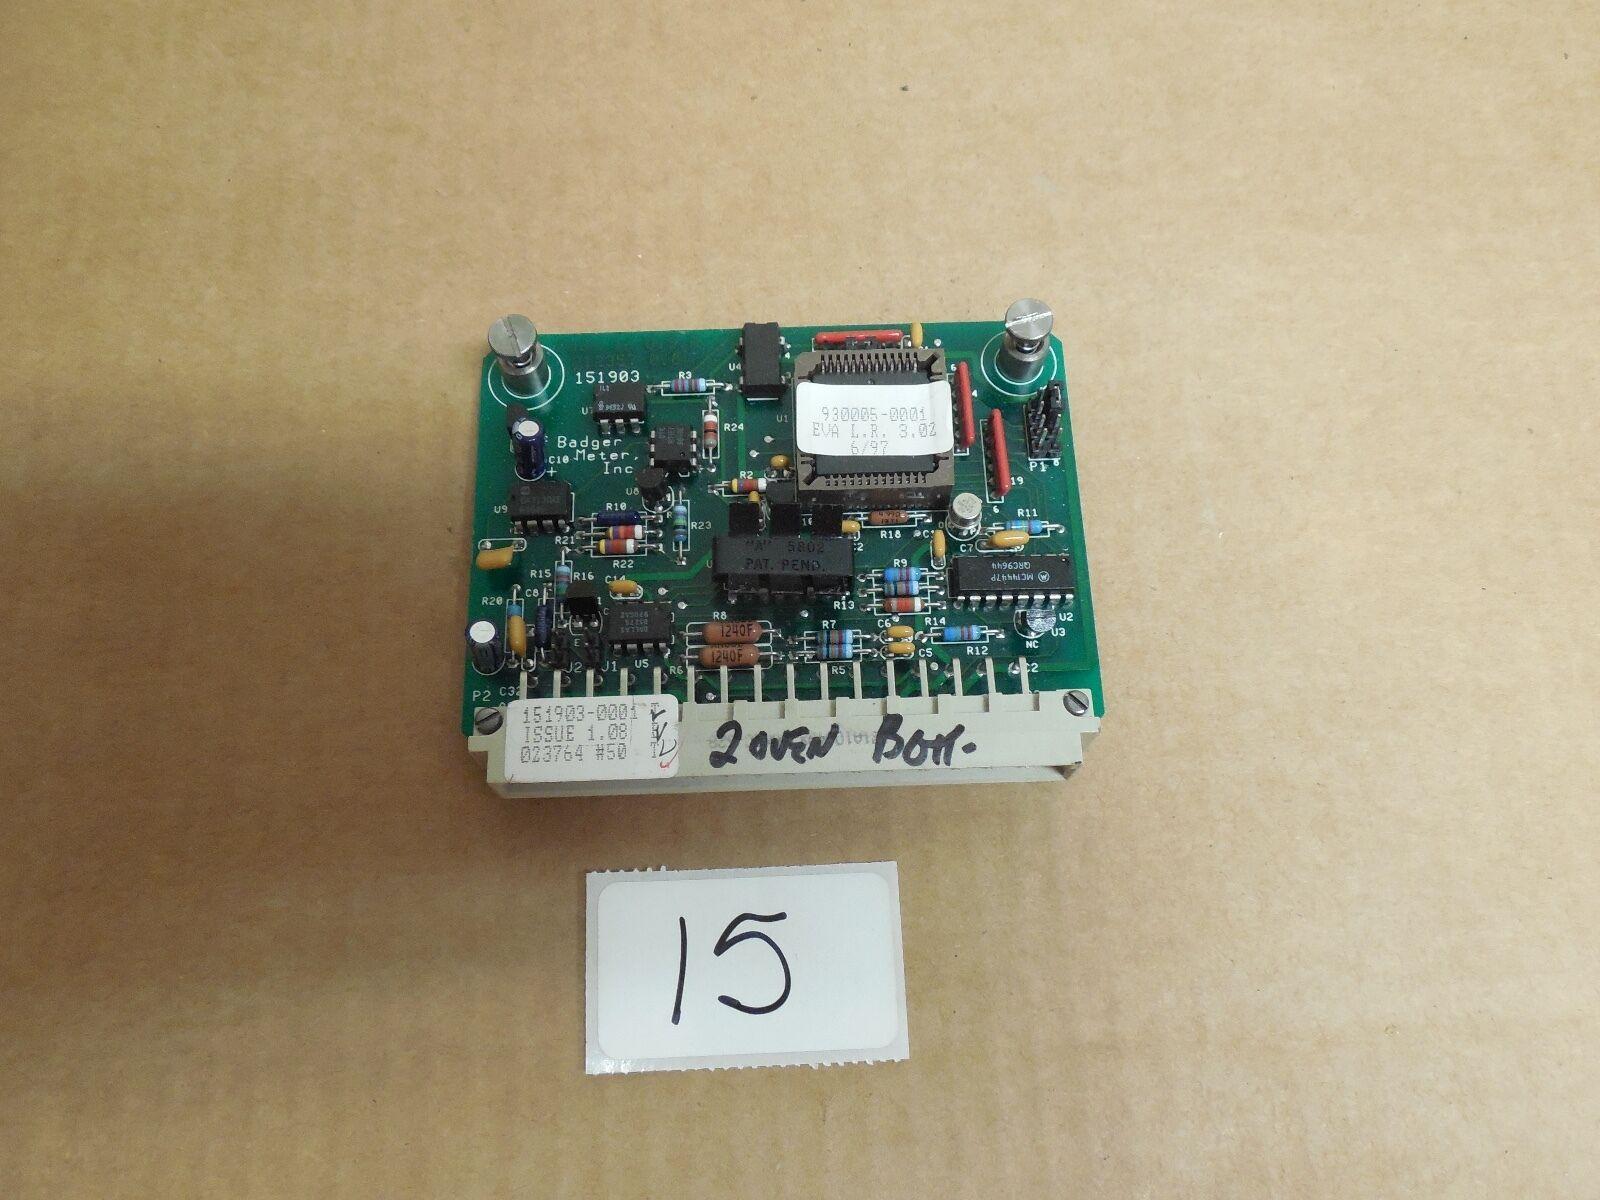 BADGER METER CIRCUIT BOARD CARD 151903-0001 212357 0.8 151903